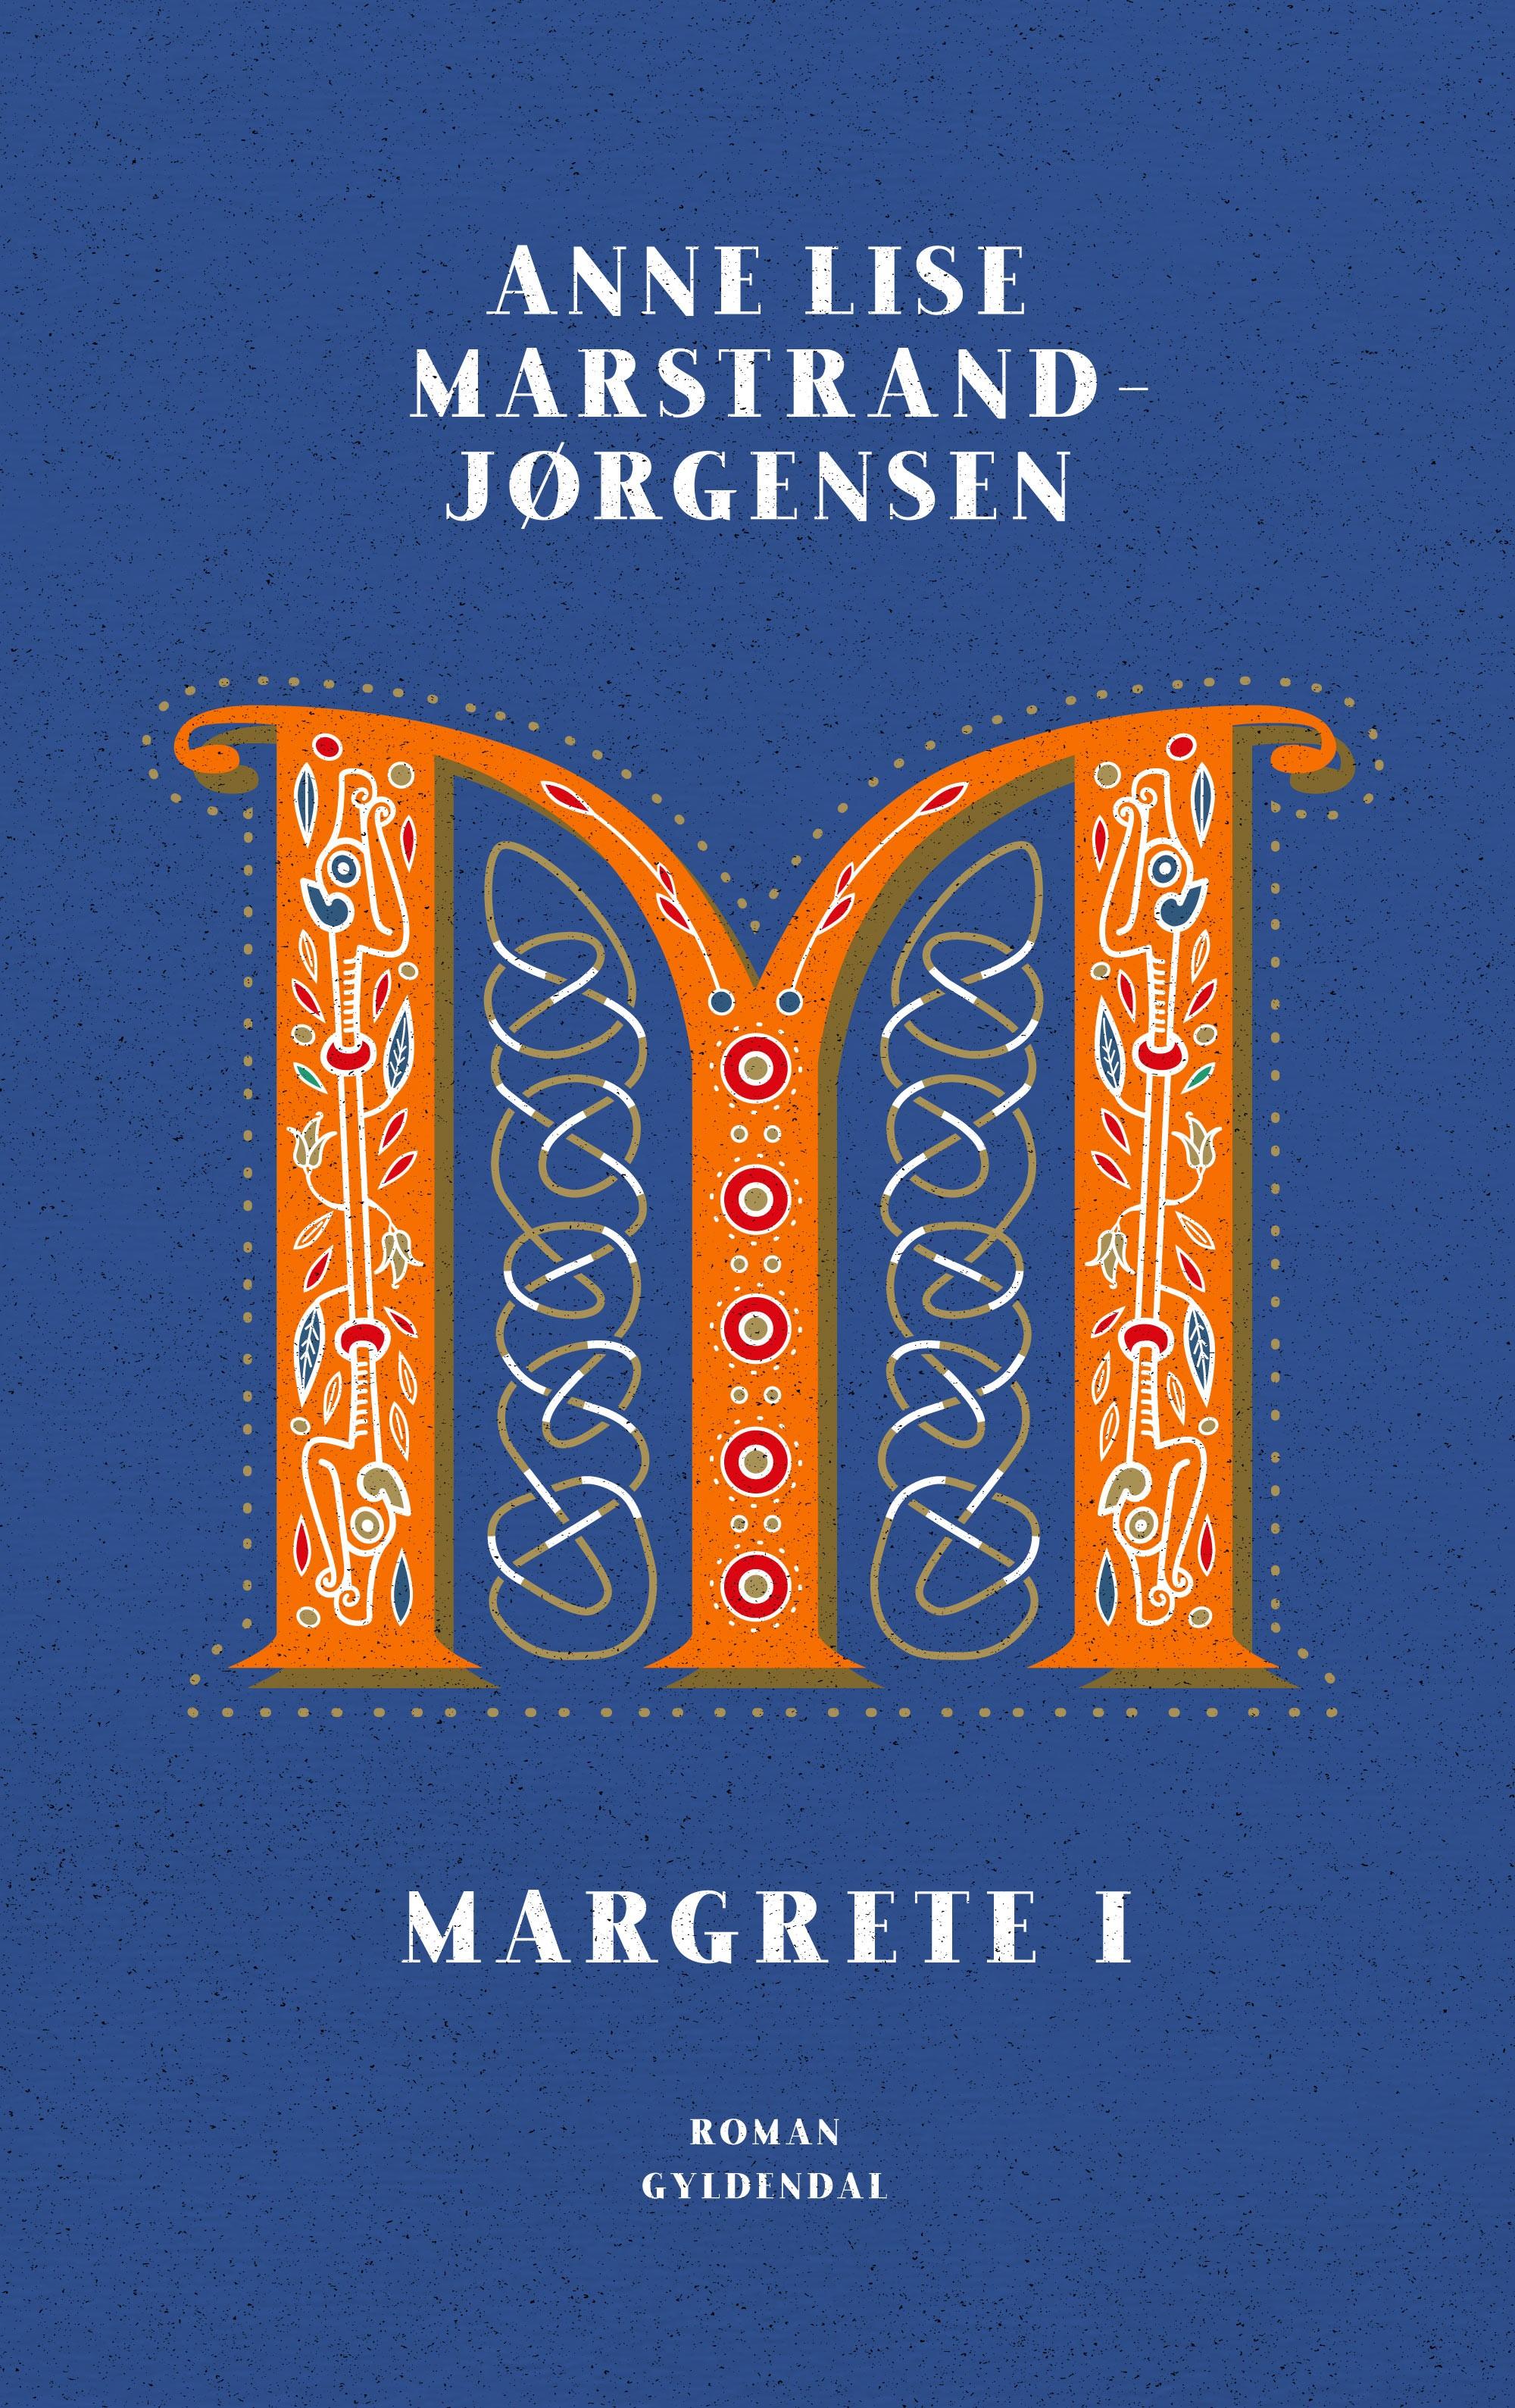 Margrete I - Anne Lise Marstrand-Jørgensen - Bøger - Gyldendal - 9788702295504 - 25/9-2020